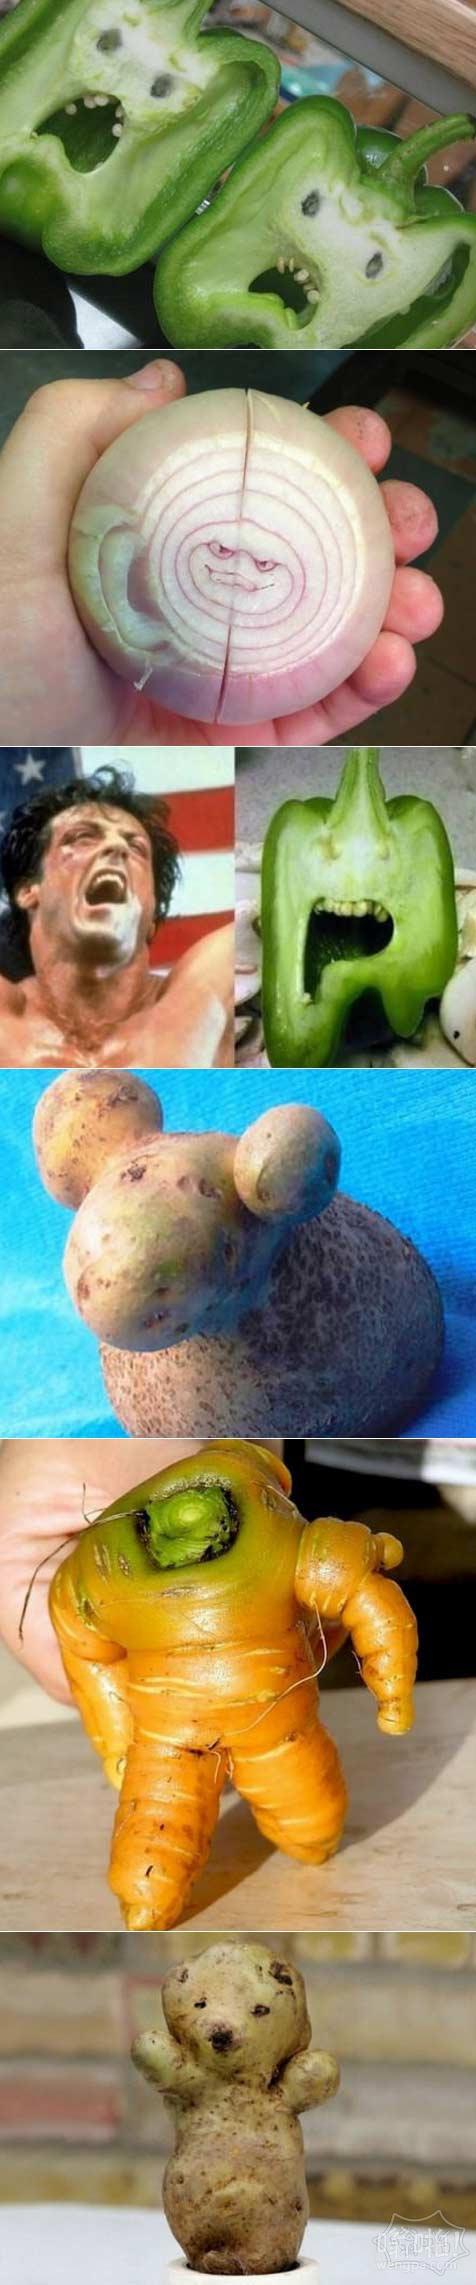 蔬菜怪人第二波